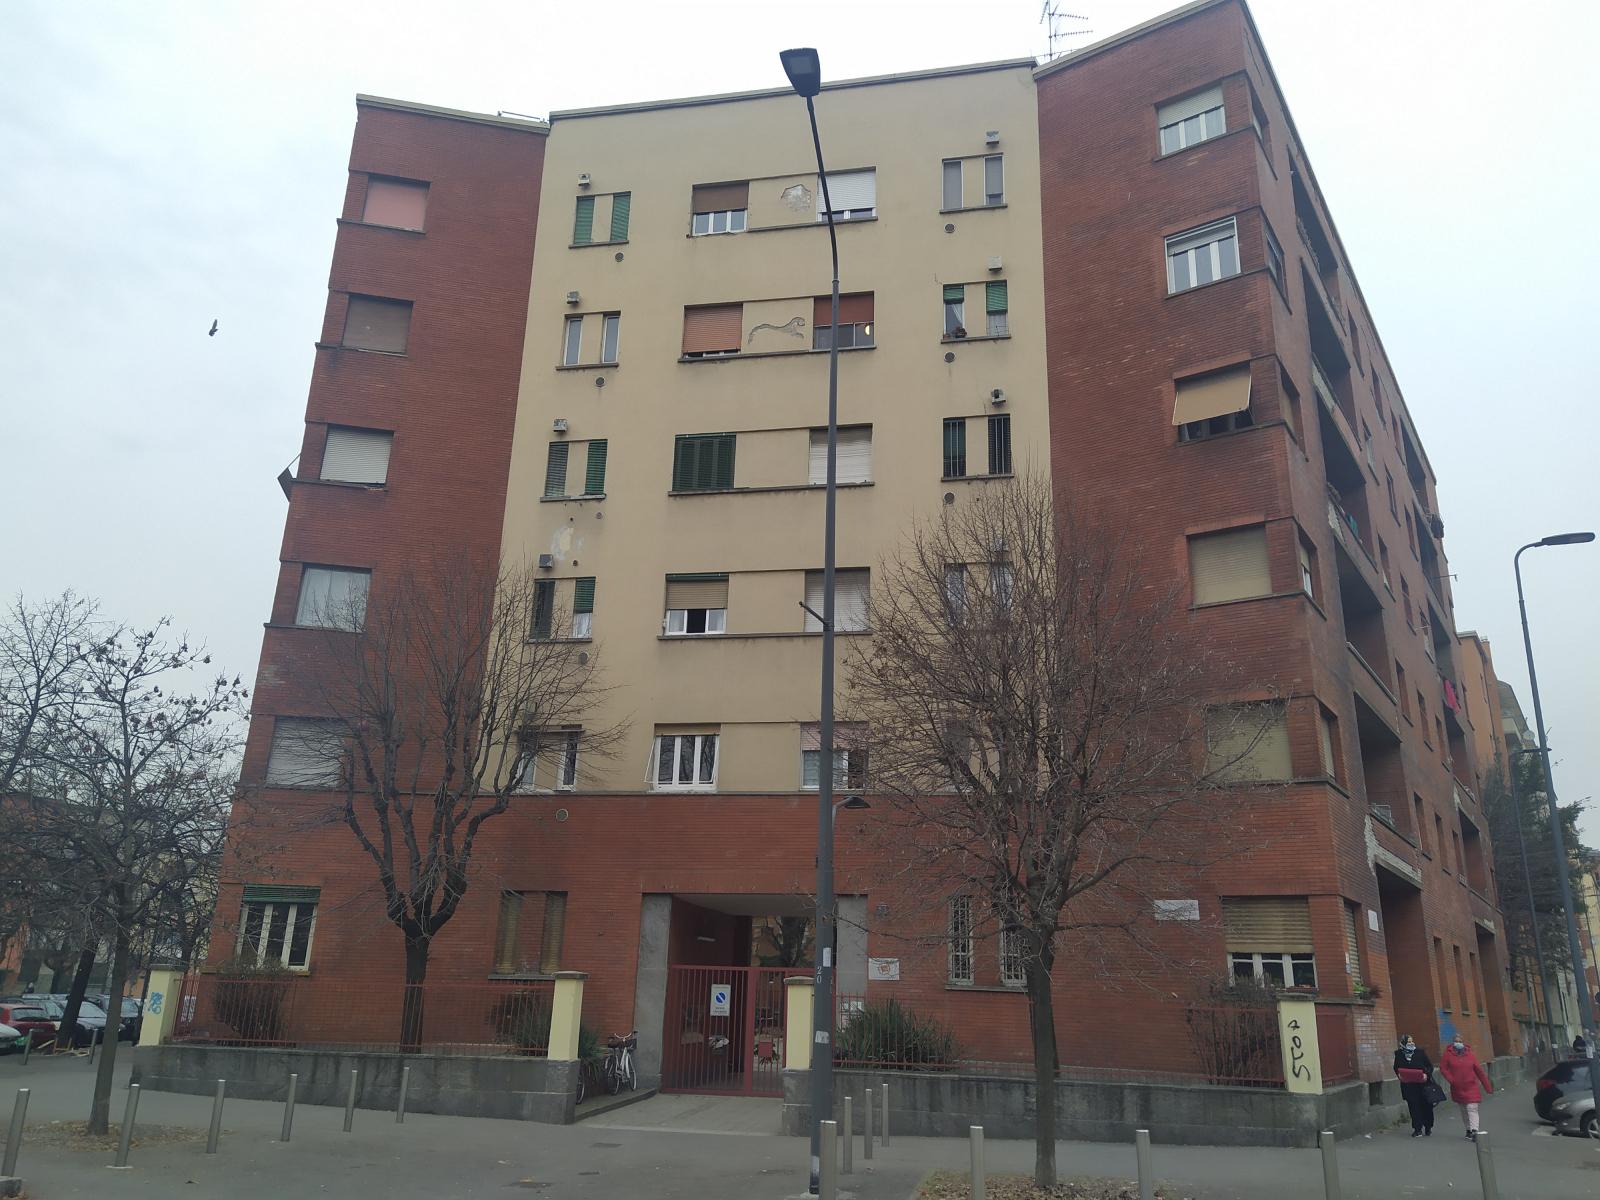 appartamento-in-vendita-piazza-seminunte-tre-locali-milano-da-ristrutturare-spaziourbano-immobiliare-dove-trovi-casa-4